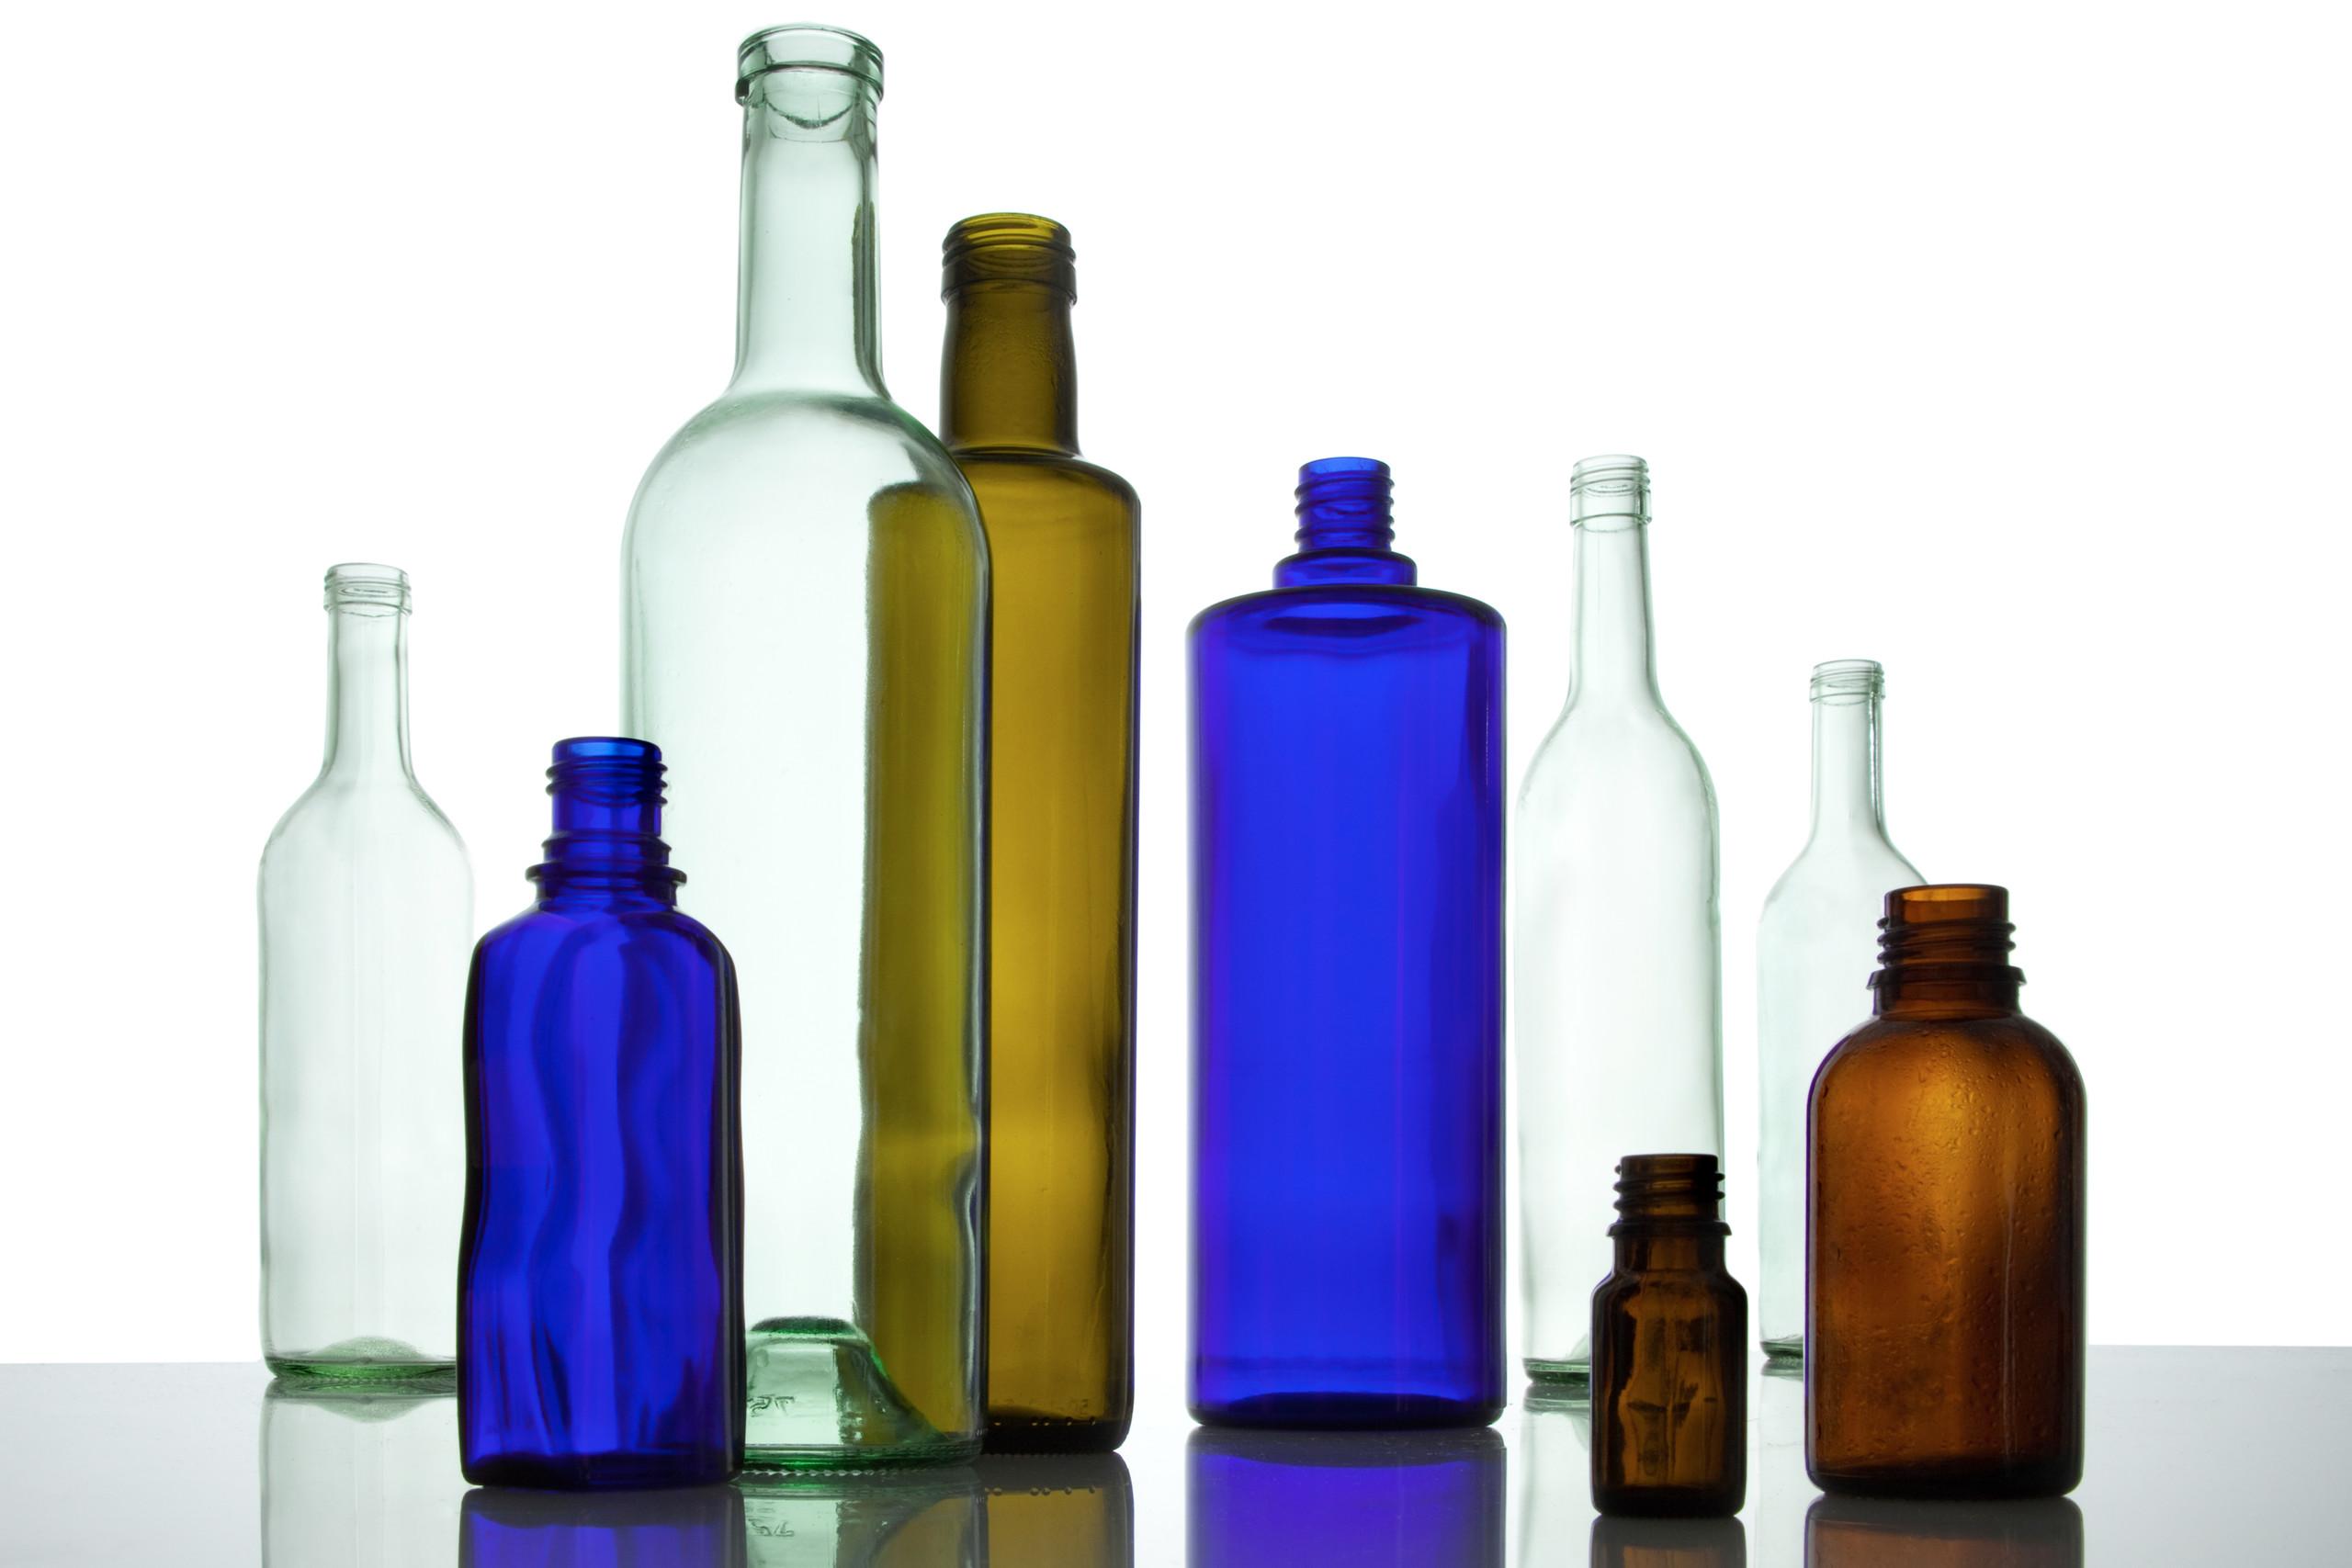 Mehrere leere Glasflaschen in verschiedenen Farben stehen neben- und hintereinander.